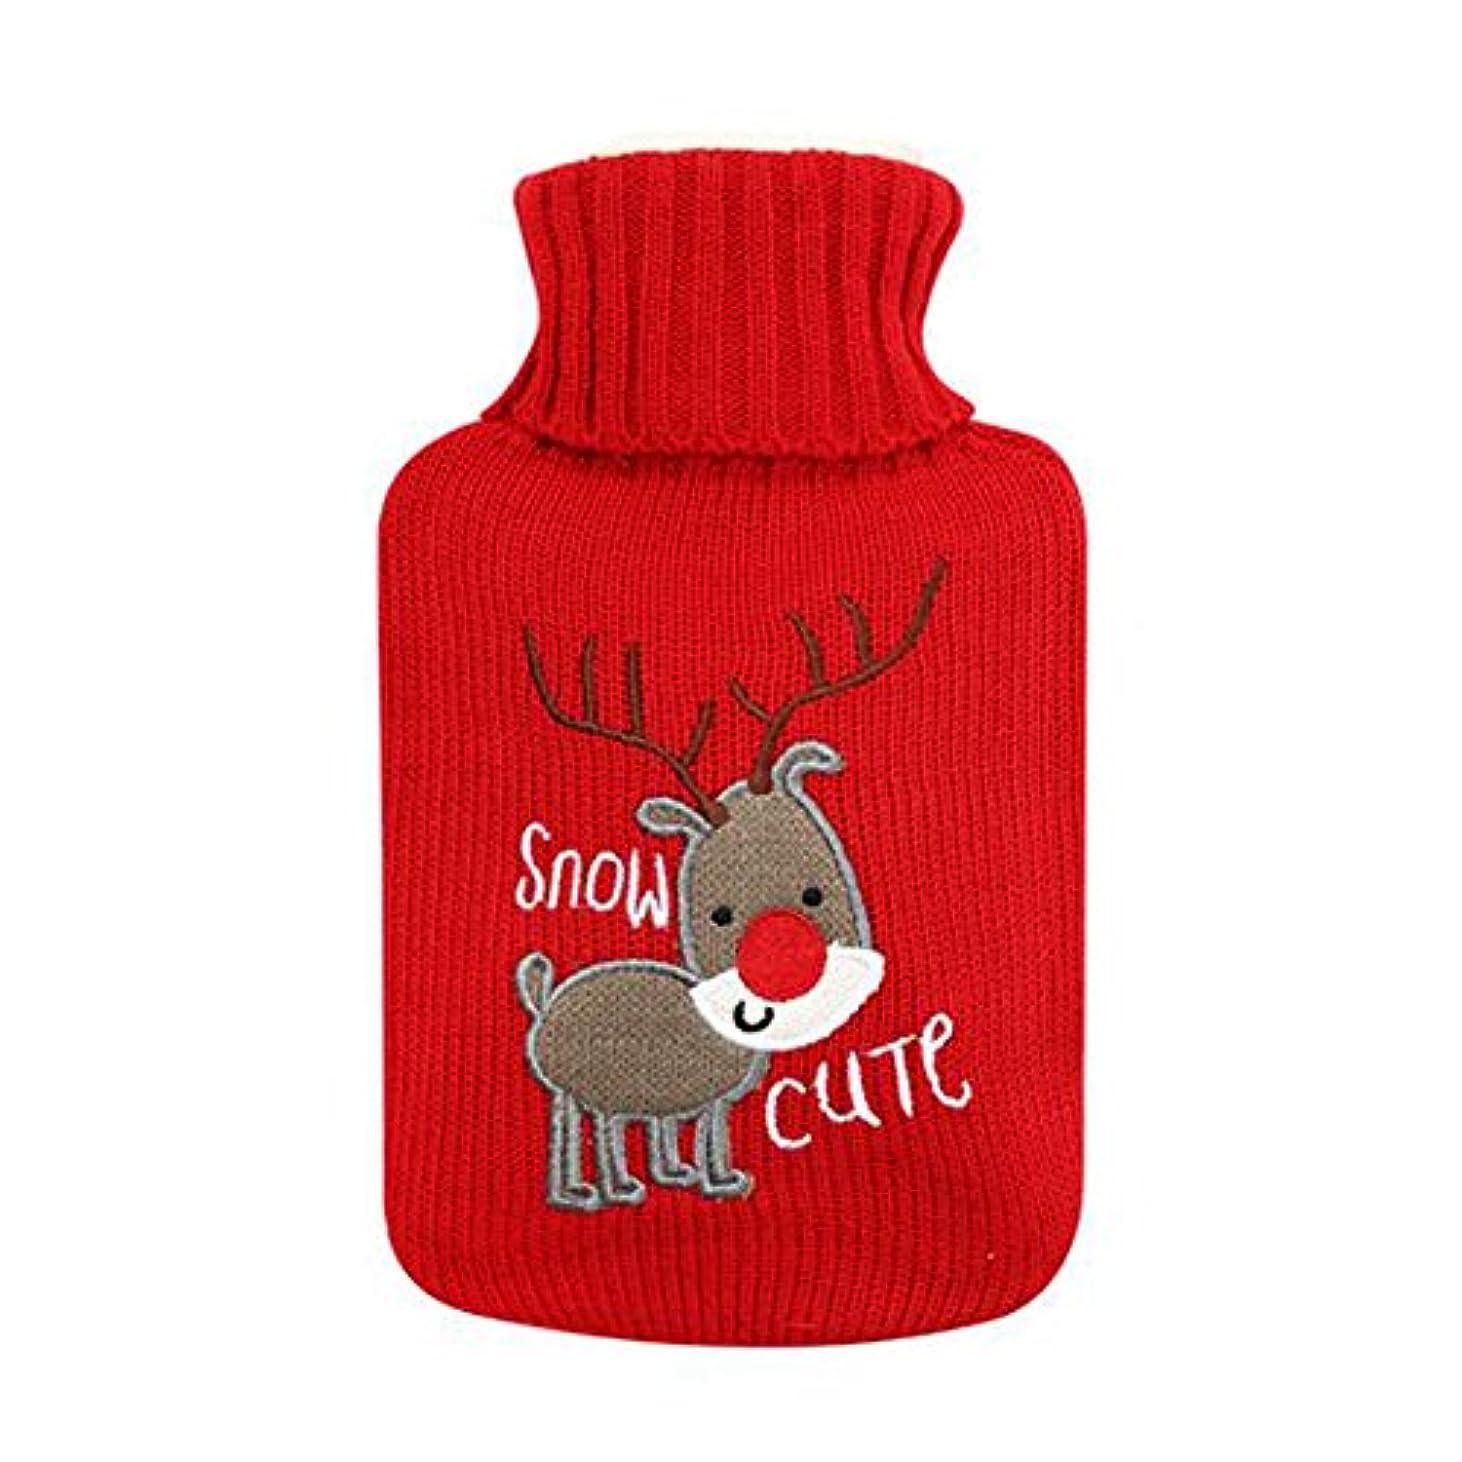 人に関する限り旧正月楕円形可愛い鹿のゴム製ホットウォーターボトル - 500ML